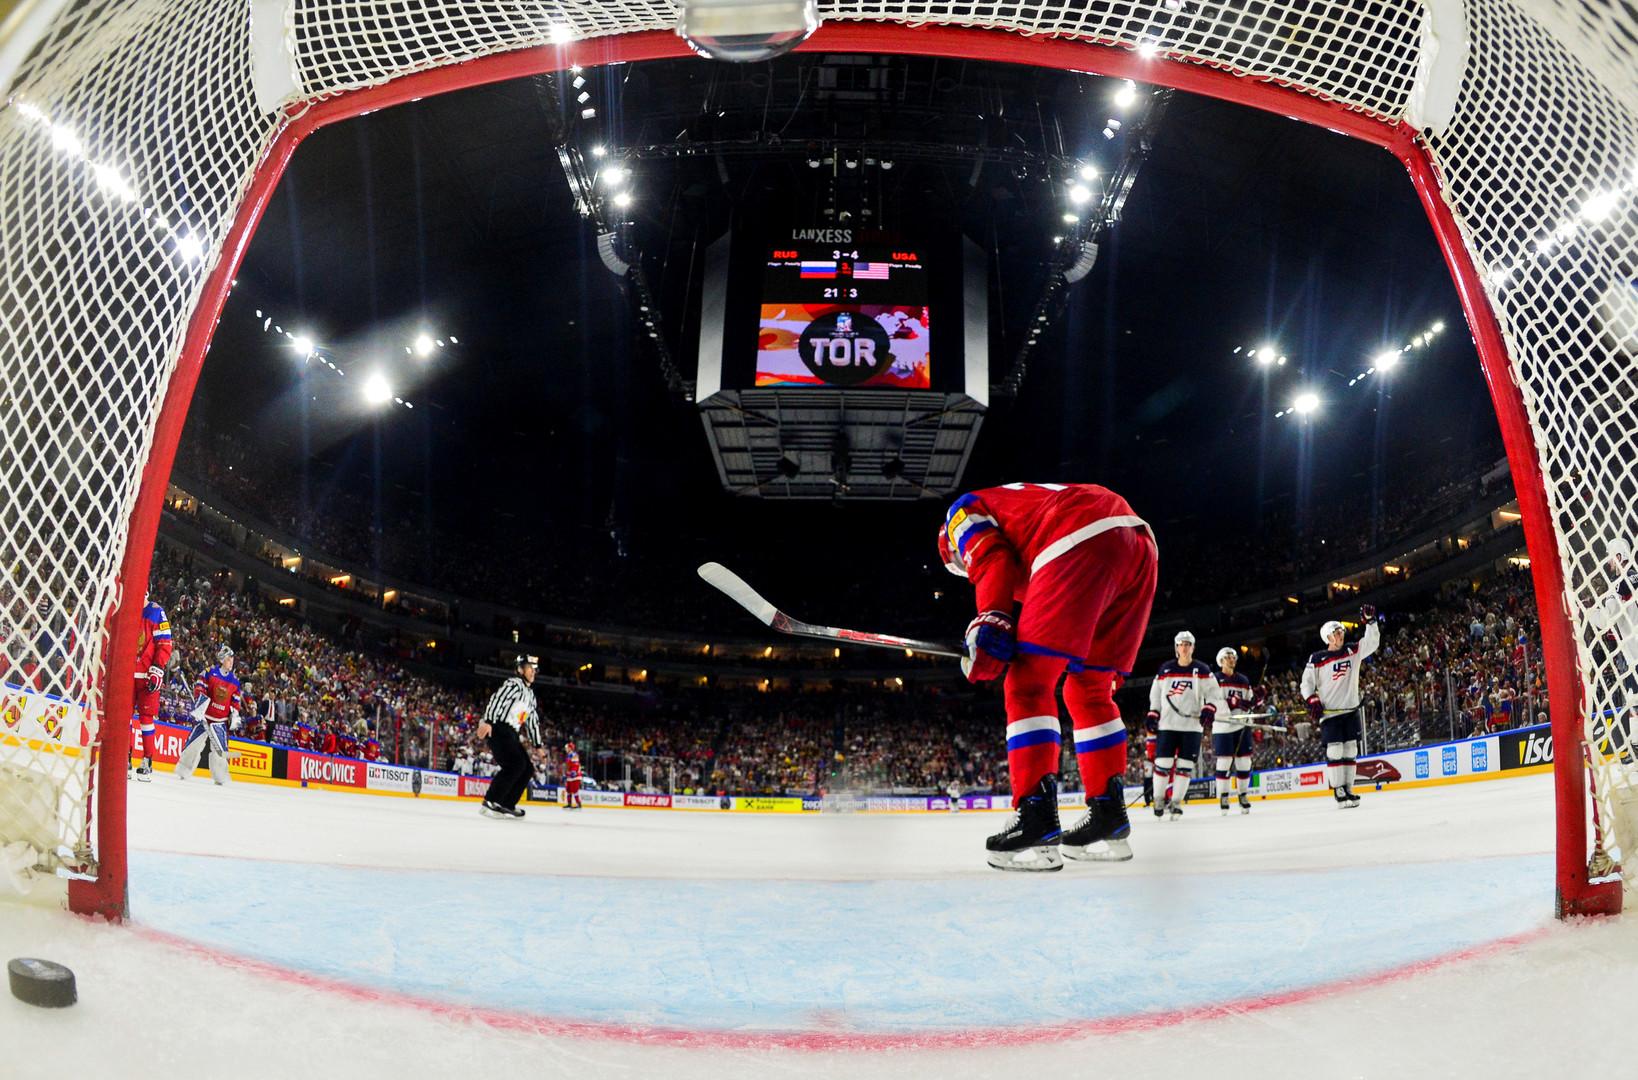 «Больше нет права на ошибку»: как в сети встретили поражение России от США на ЧМ по хоккею